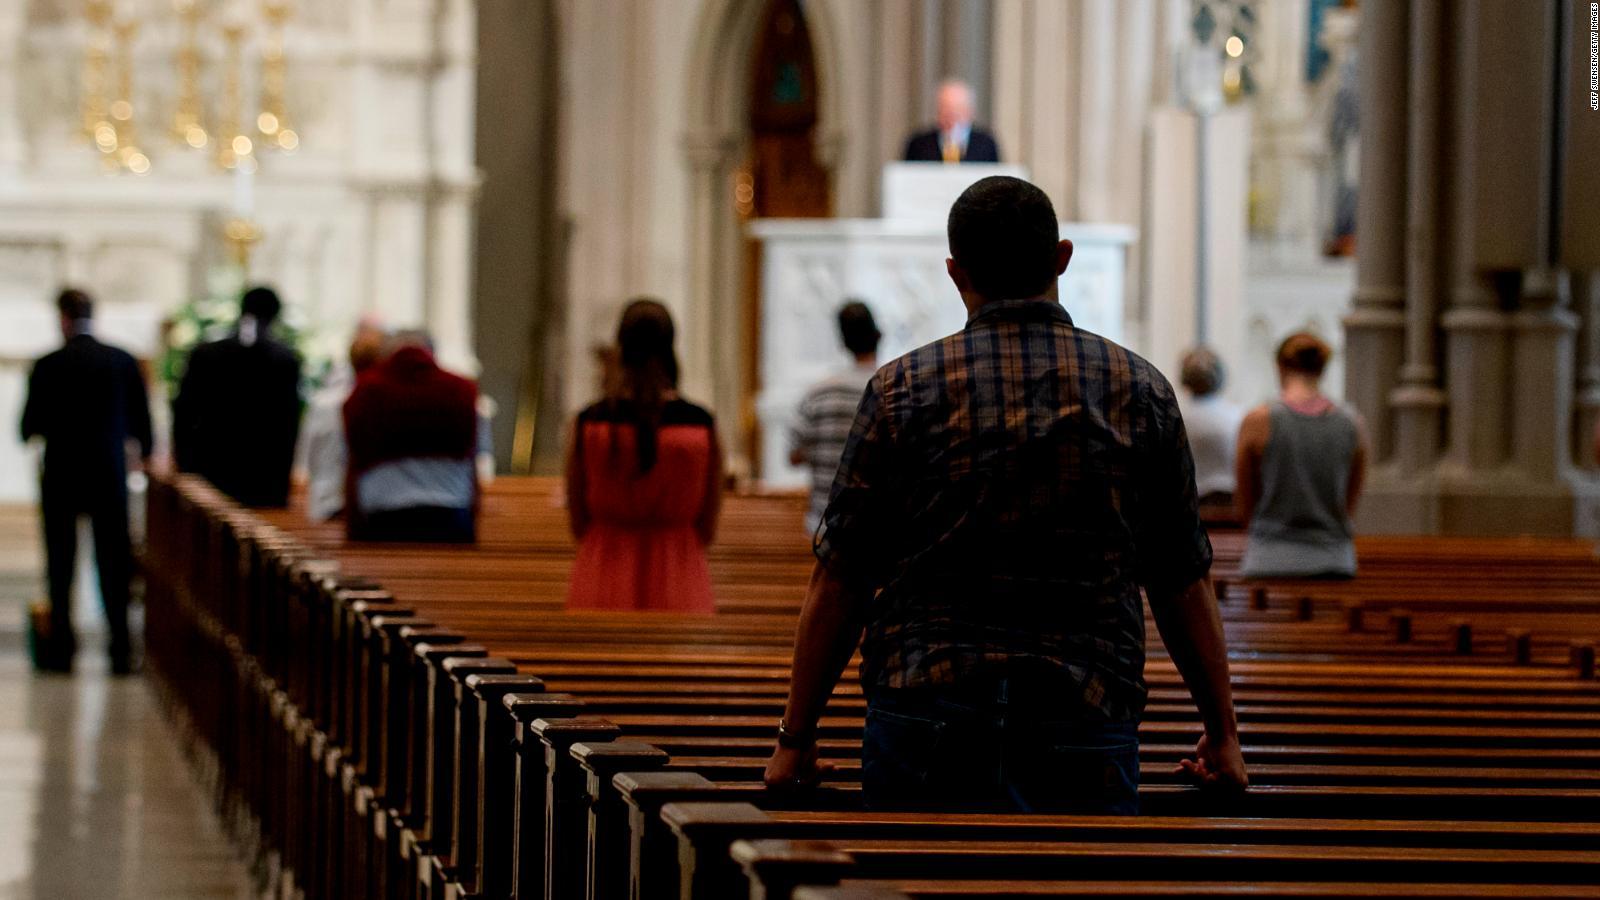 Más de 1.000 niños abusados por sacerdotes en Pensilvania, dice informe